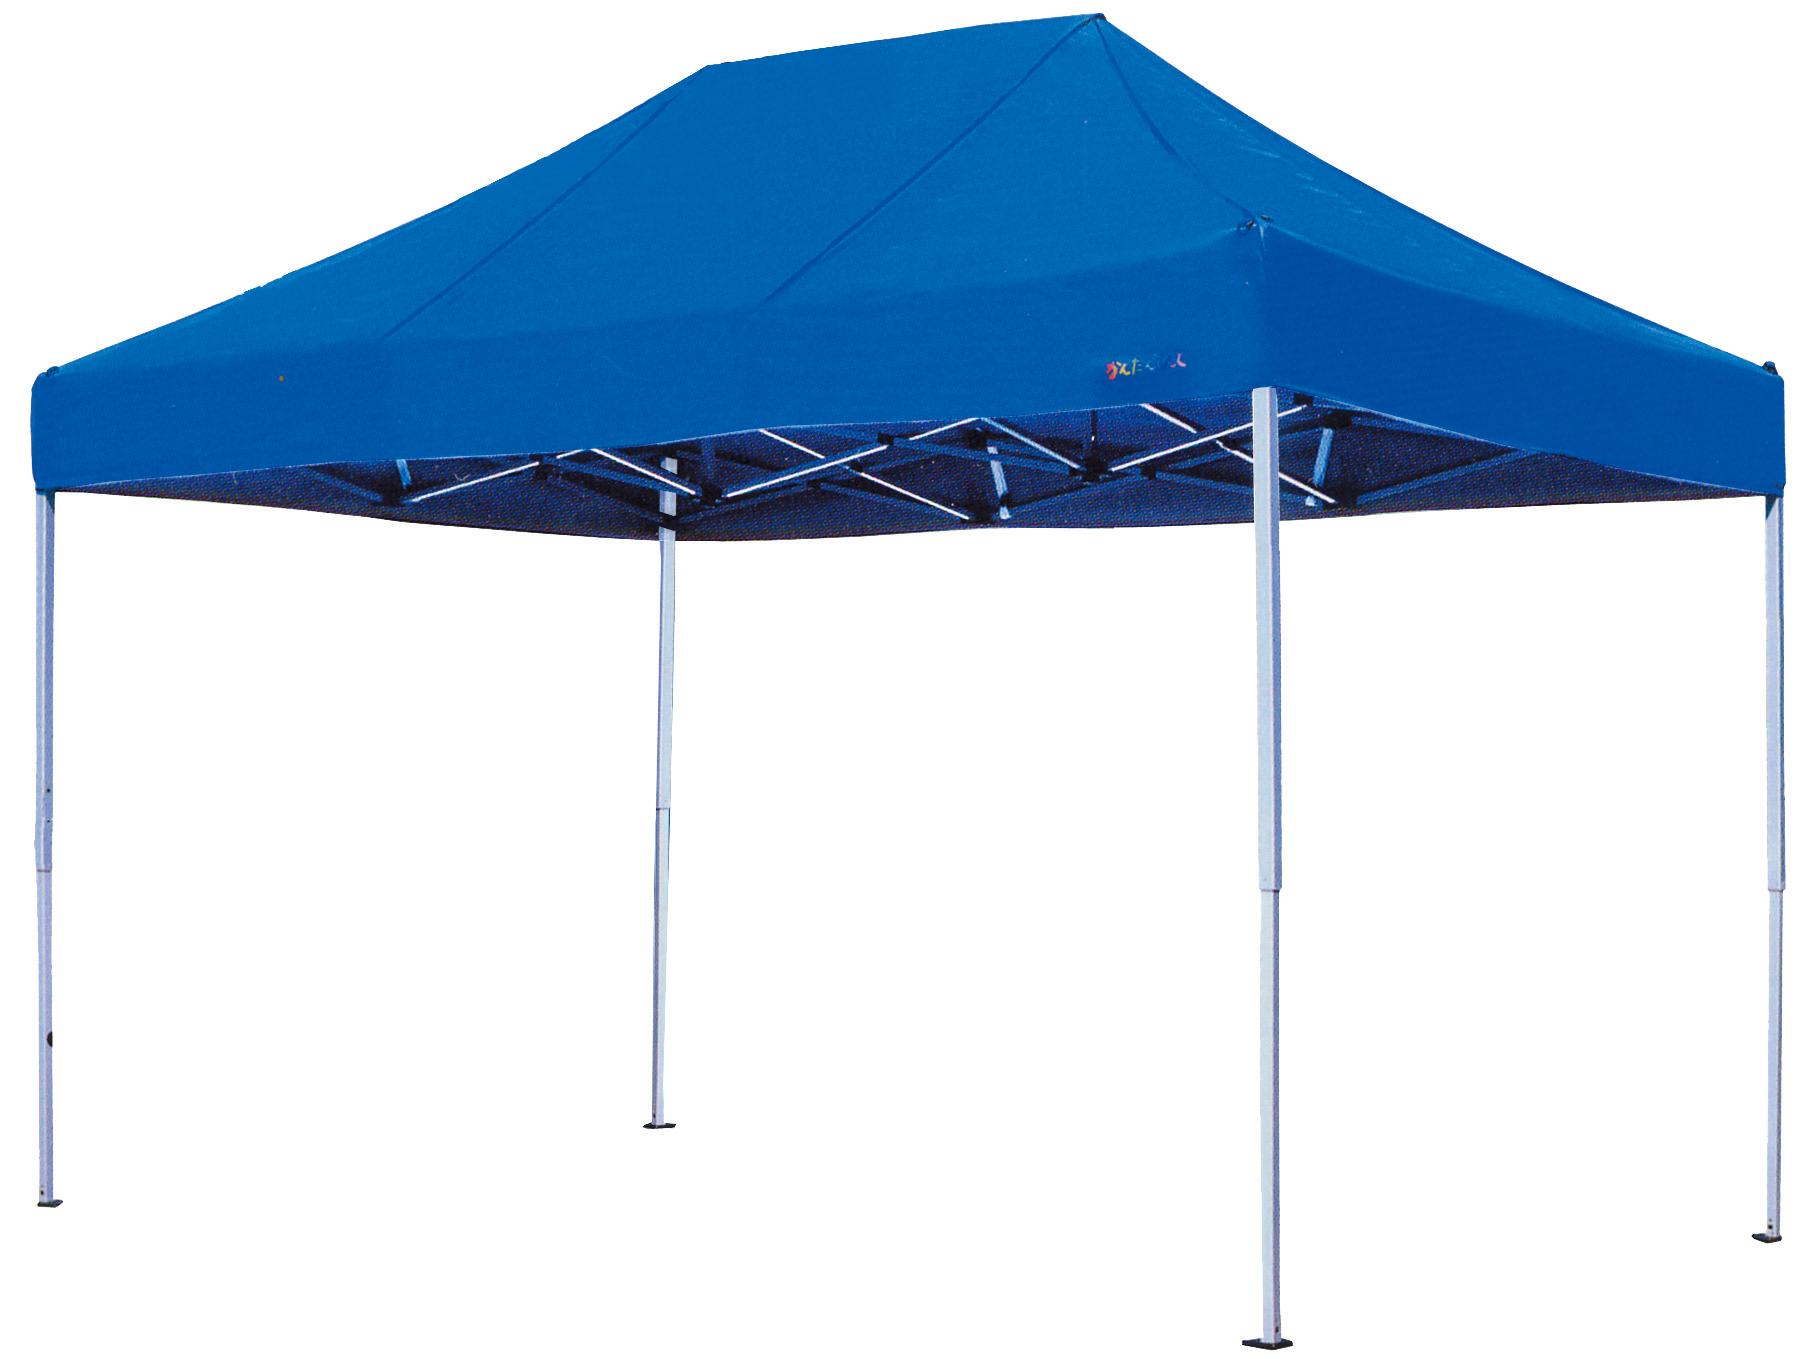 軽量で組み立て簡単! | 株式会社 岡本テント